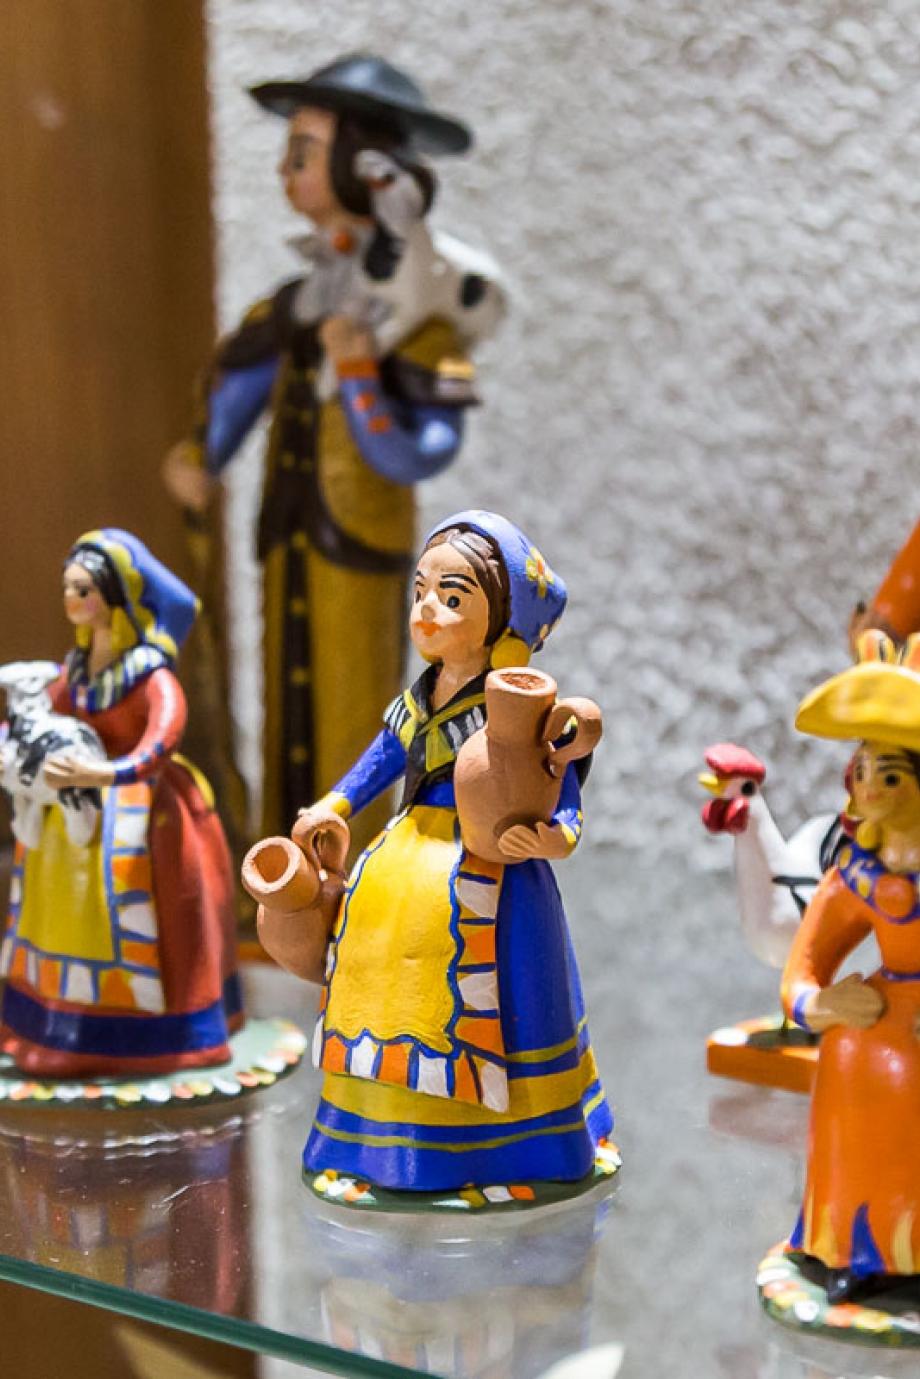 LisboaCool_comprar_Santos_Ofícios_Artesanato